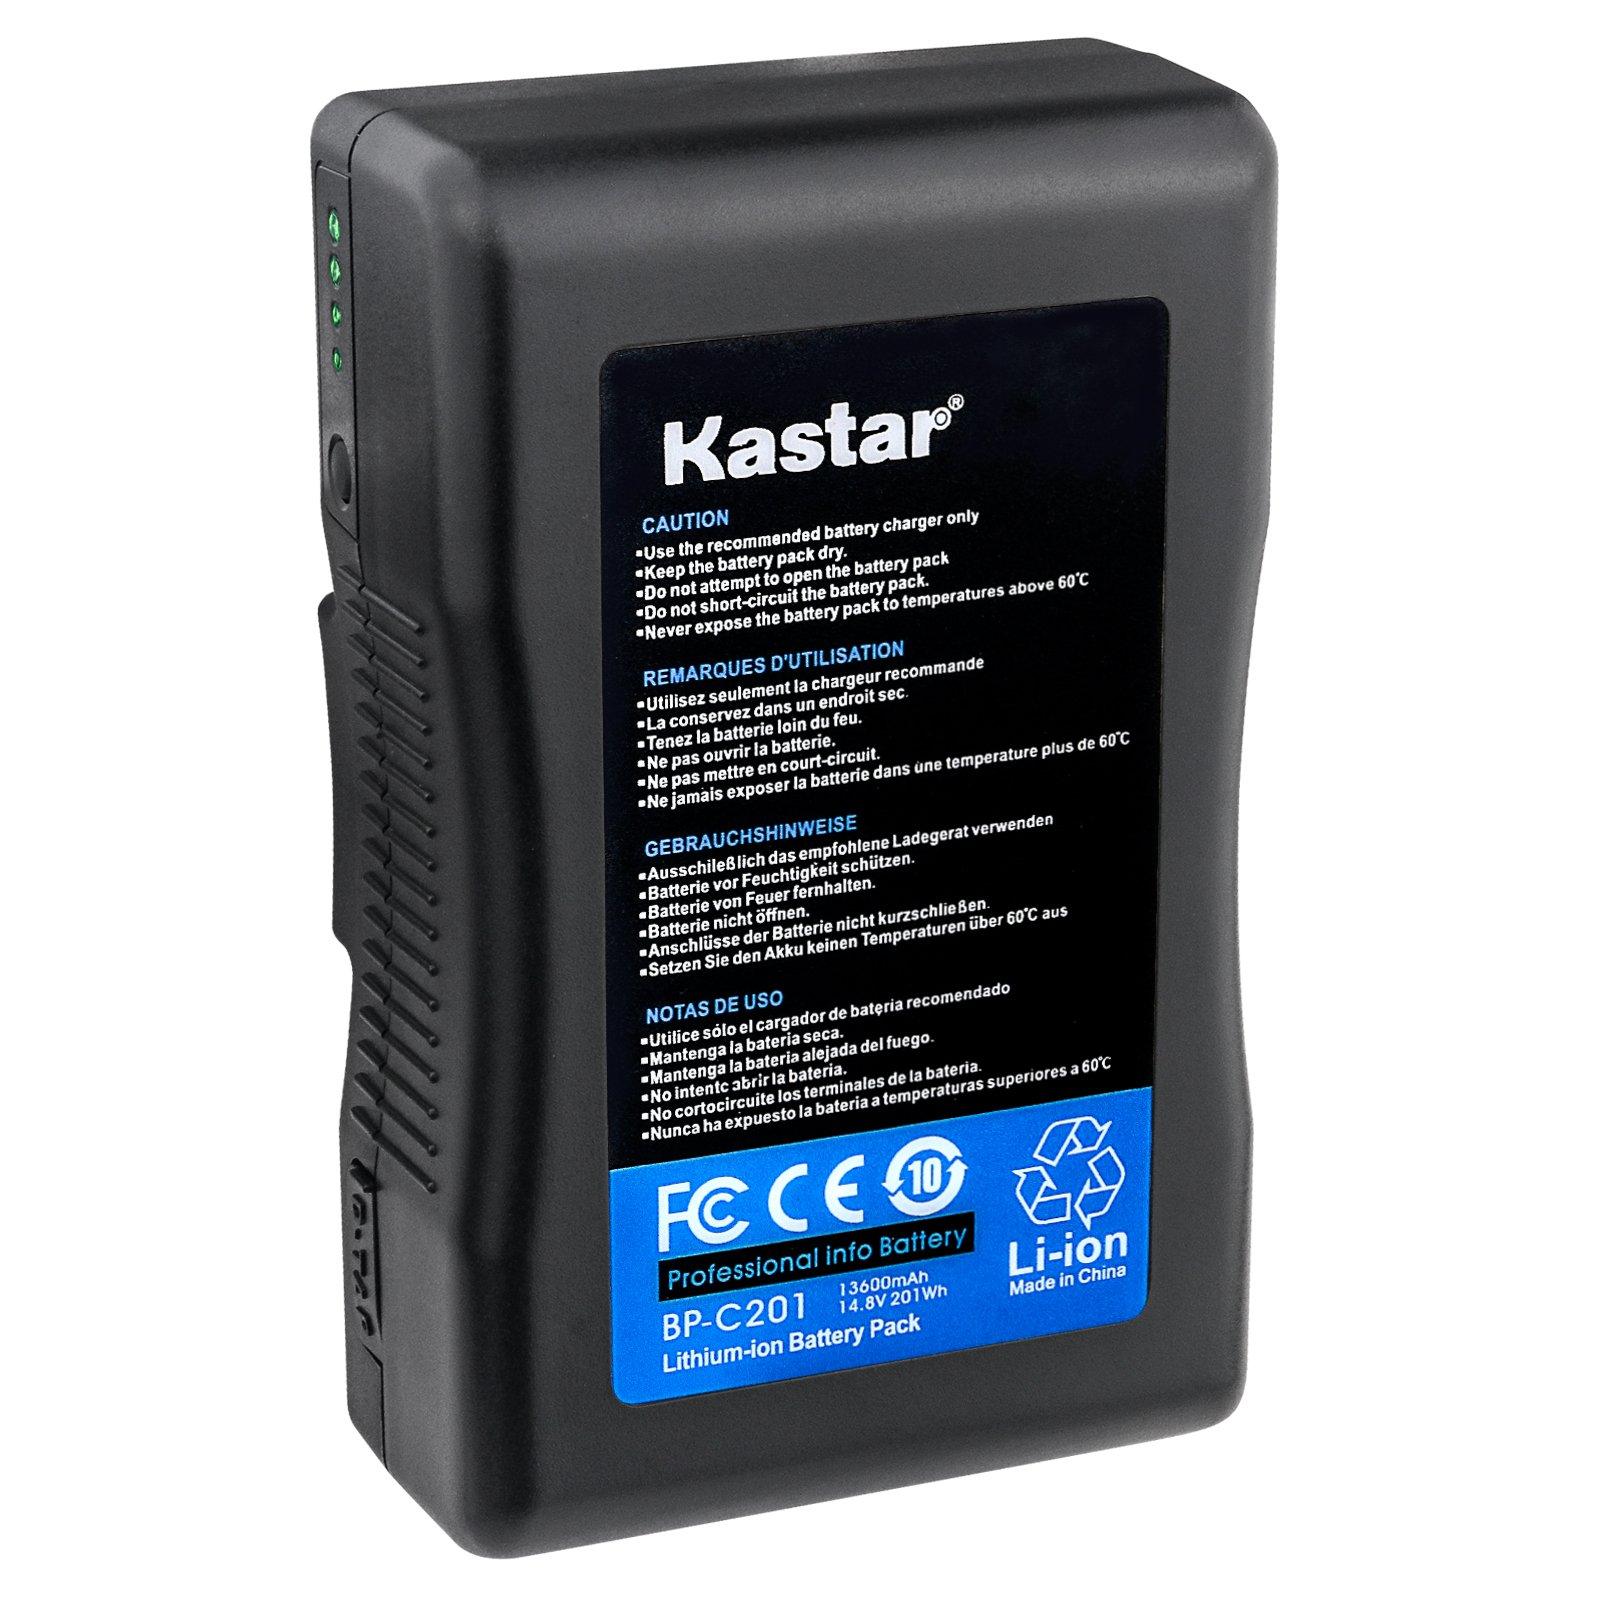 Kastar V-Mount BP-C201 Broadcast Replacement Li-ion Battery, 14.8V 13600mAh 201Wh for Anton Bauer CINE 90, ARRI Alexa Minicamera, AJA CION Camera Body, Blackmagic Design URSA camera, Cine Alta Camera